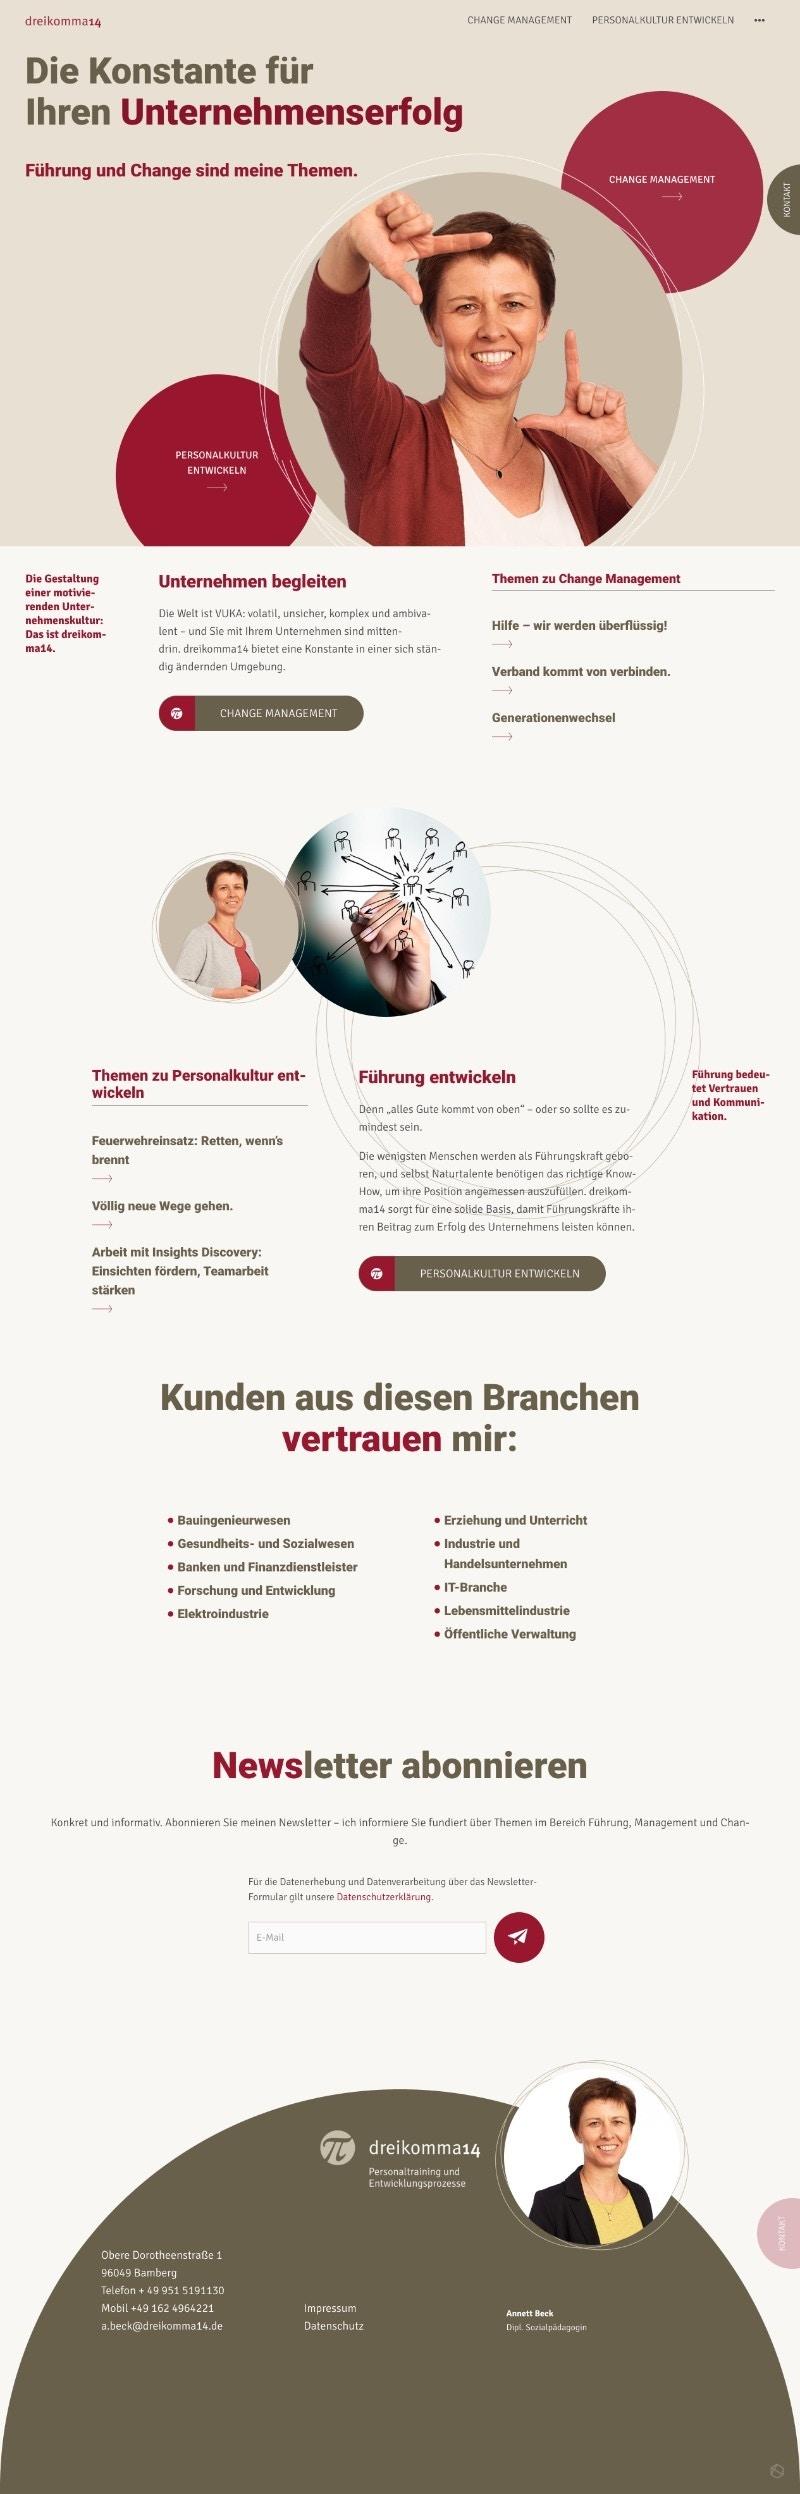 Webedesign für die Unternehmens-Beraterin Annett Beck - dreikomma14.de